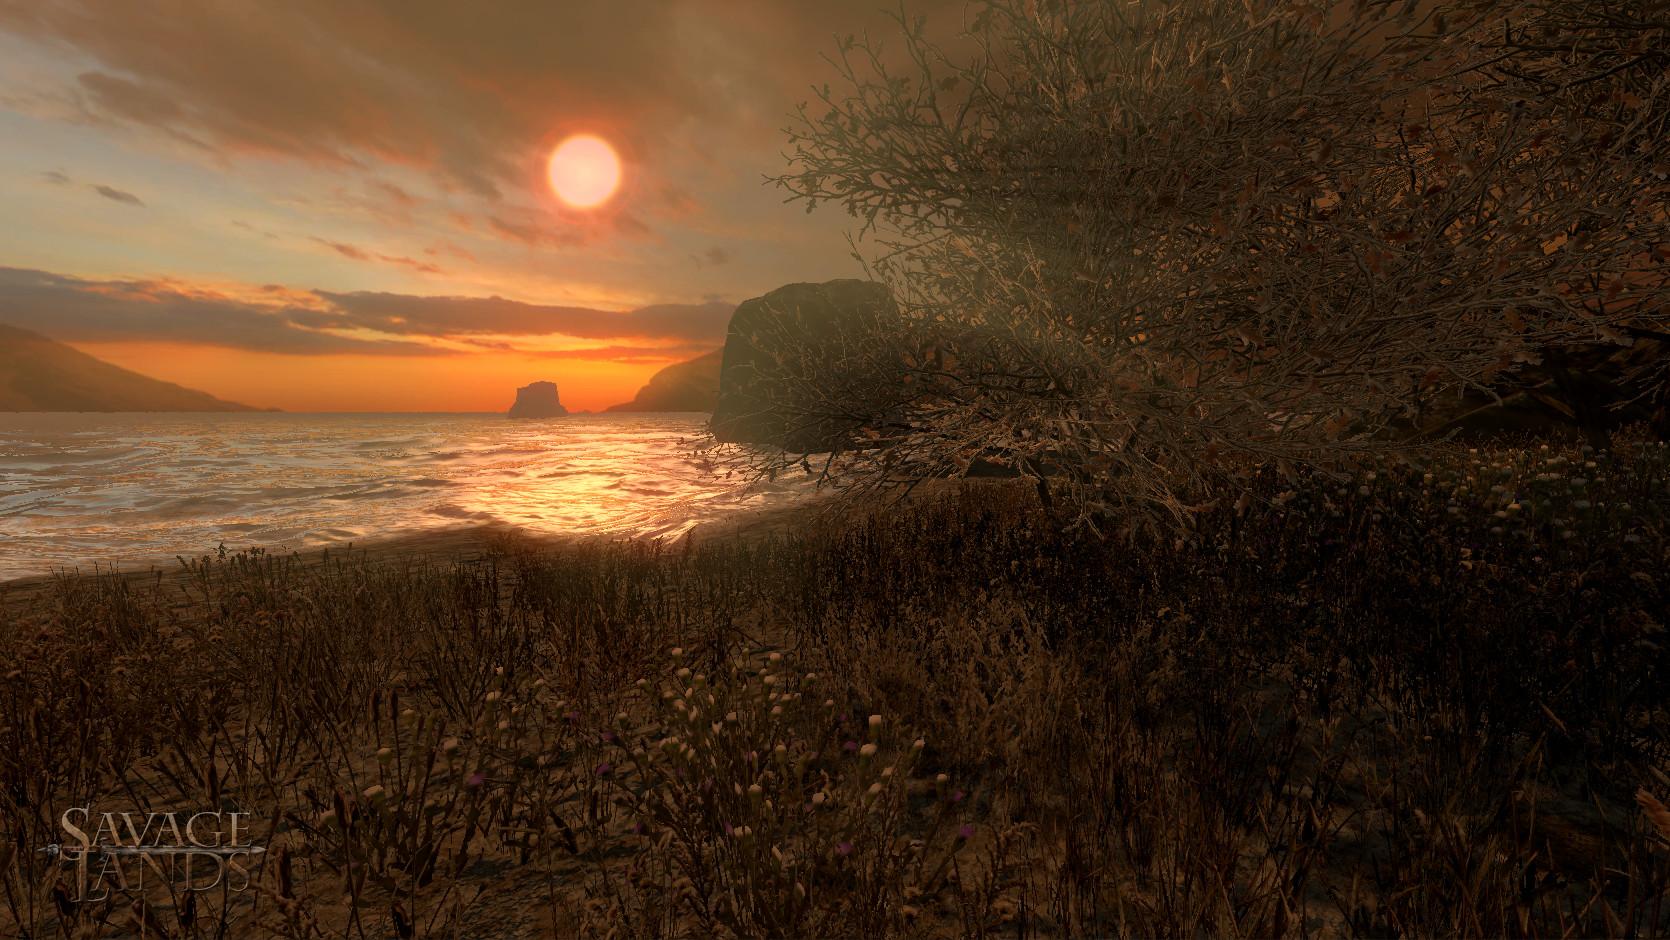 Savage Lands - Die Sonne geht unter.jpg